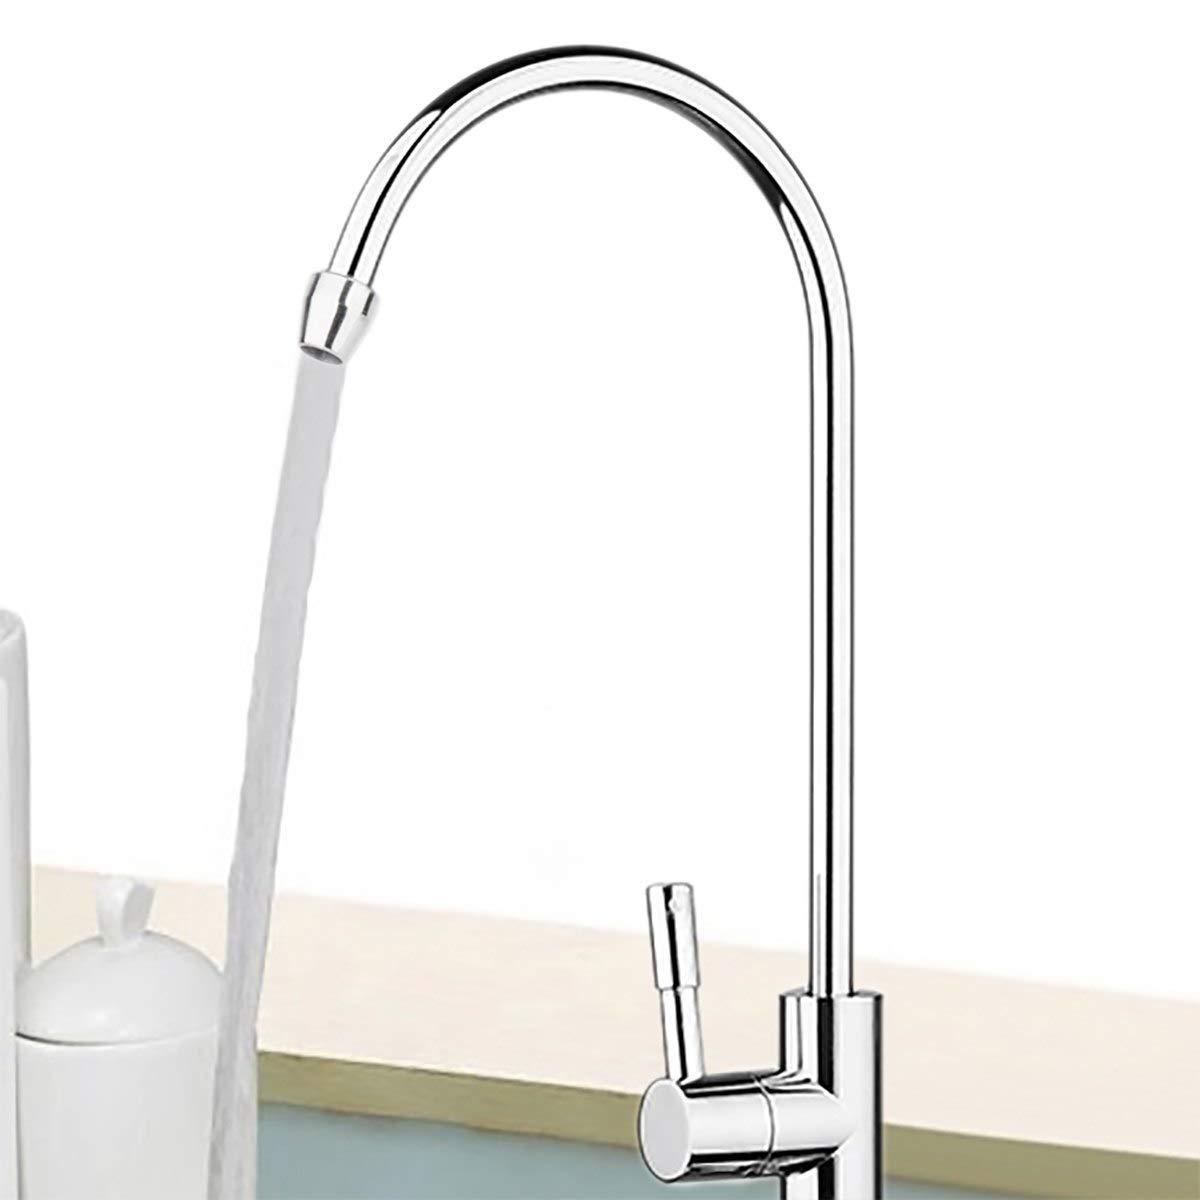 Euro Style Unique Poign/ée filtre /à eau Robinet robinet avec 1//10,2/cm Tube connecteur Chrome